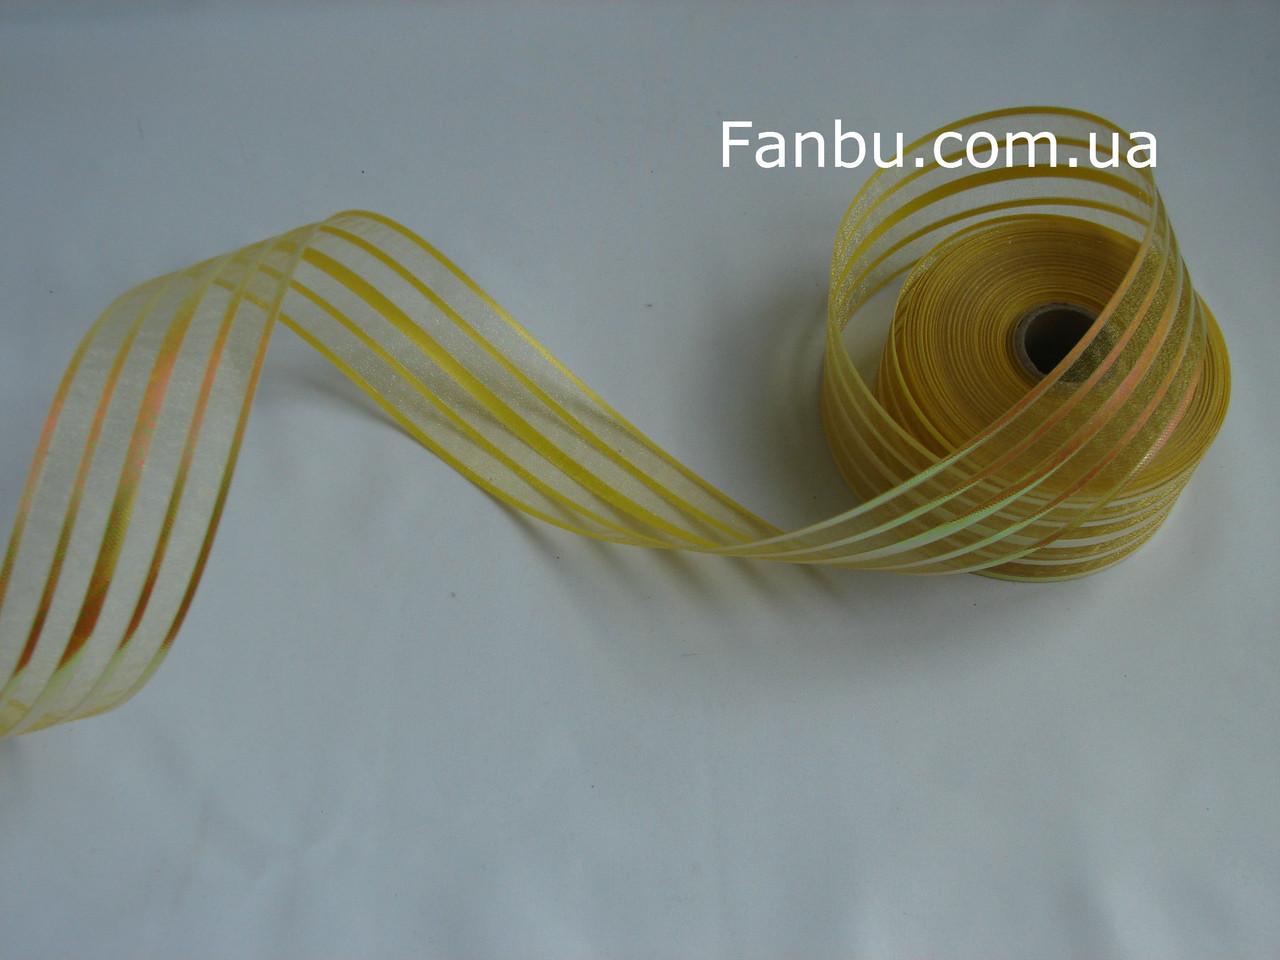 Желтая лента для бантов с красивым переливом (ширина 5 см), фото 1